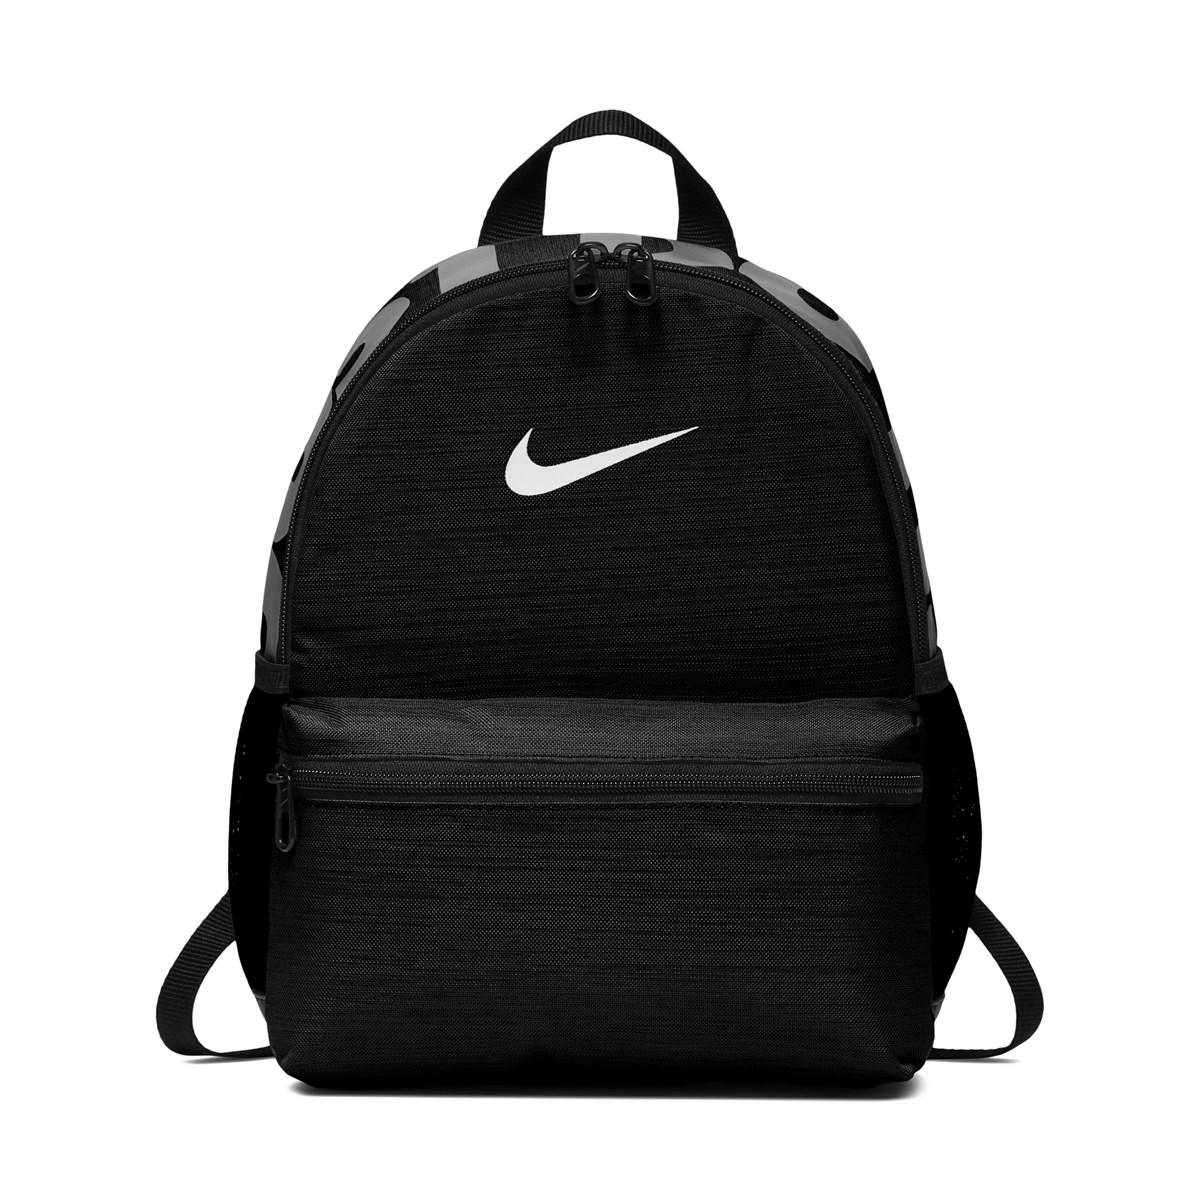 Brasilia JDI Backpack in Black